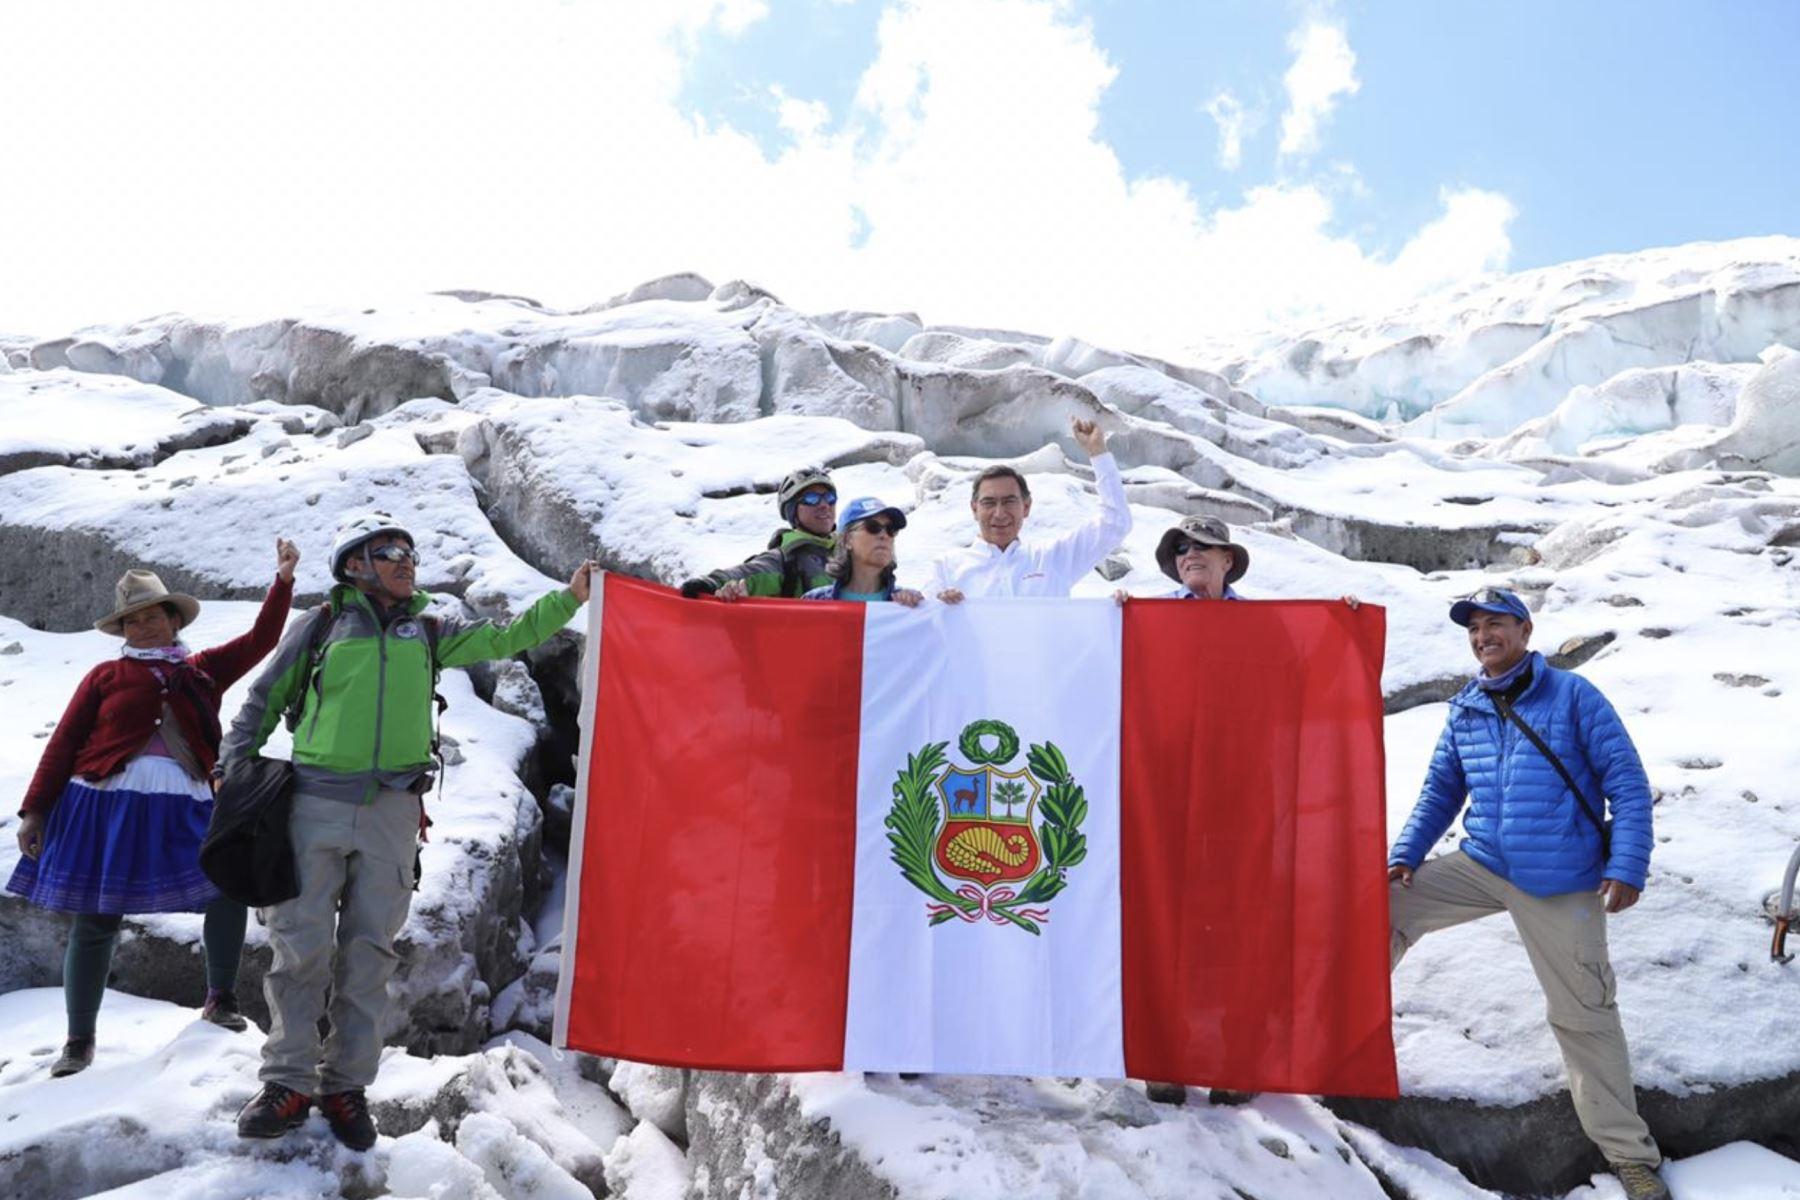 Desde el Huascarán, el presidente Martin Vizcarra, acompaña a los miembros de la expedición científica que investigarán este nevado. Foto: Presidencia